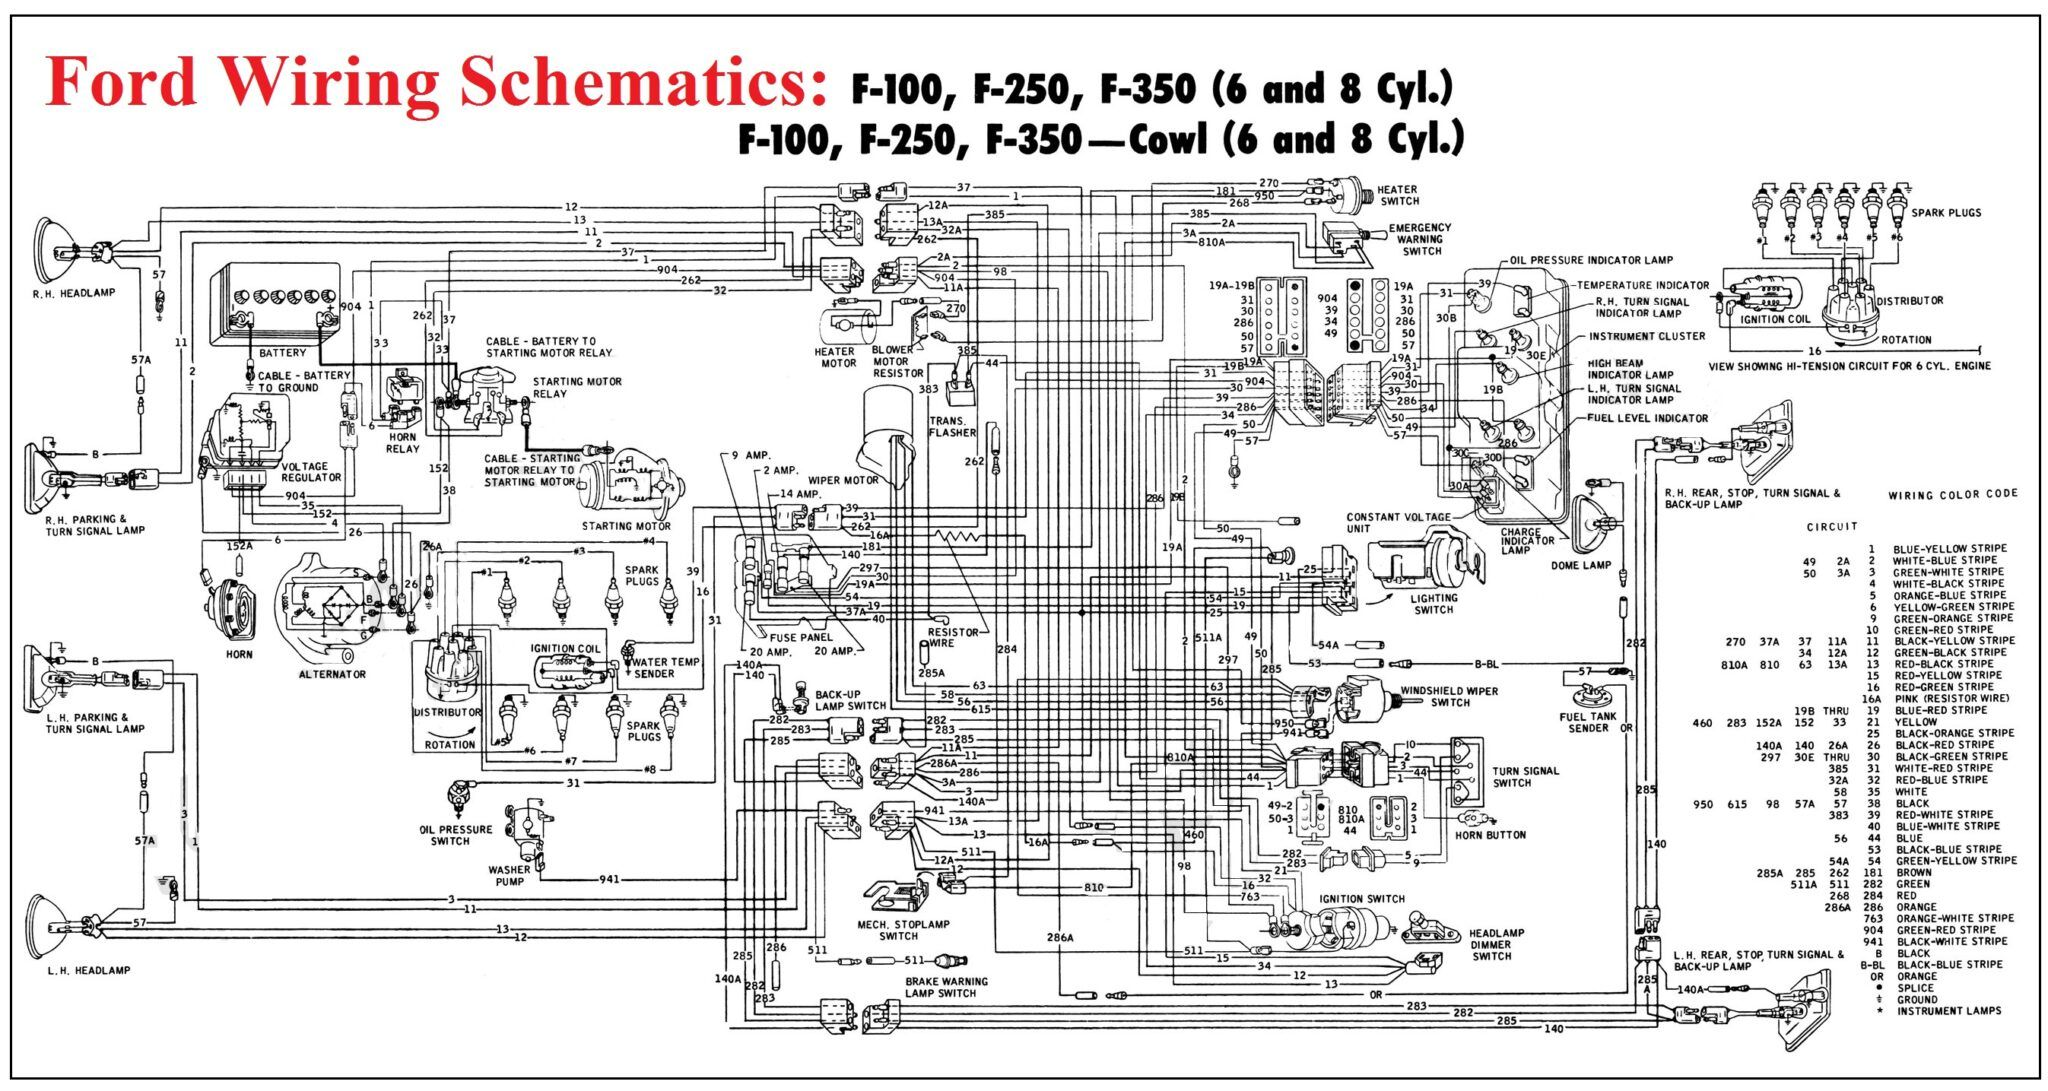 Ford Wiring Schematics в 2020 г